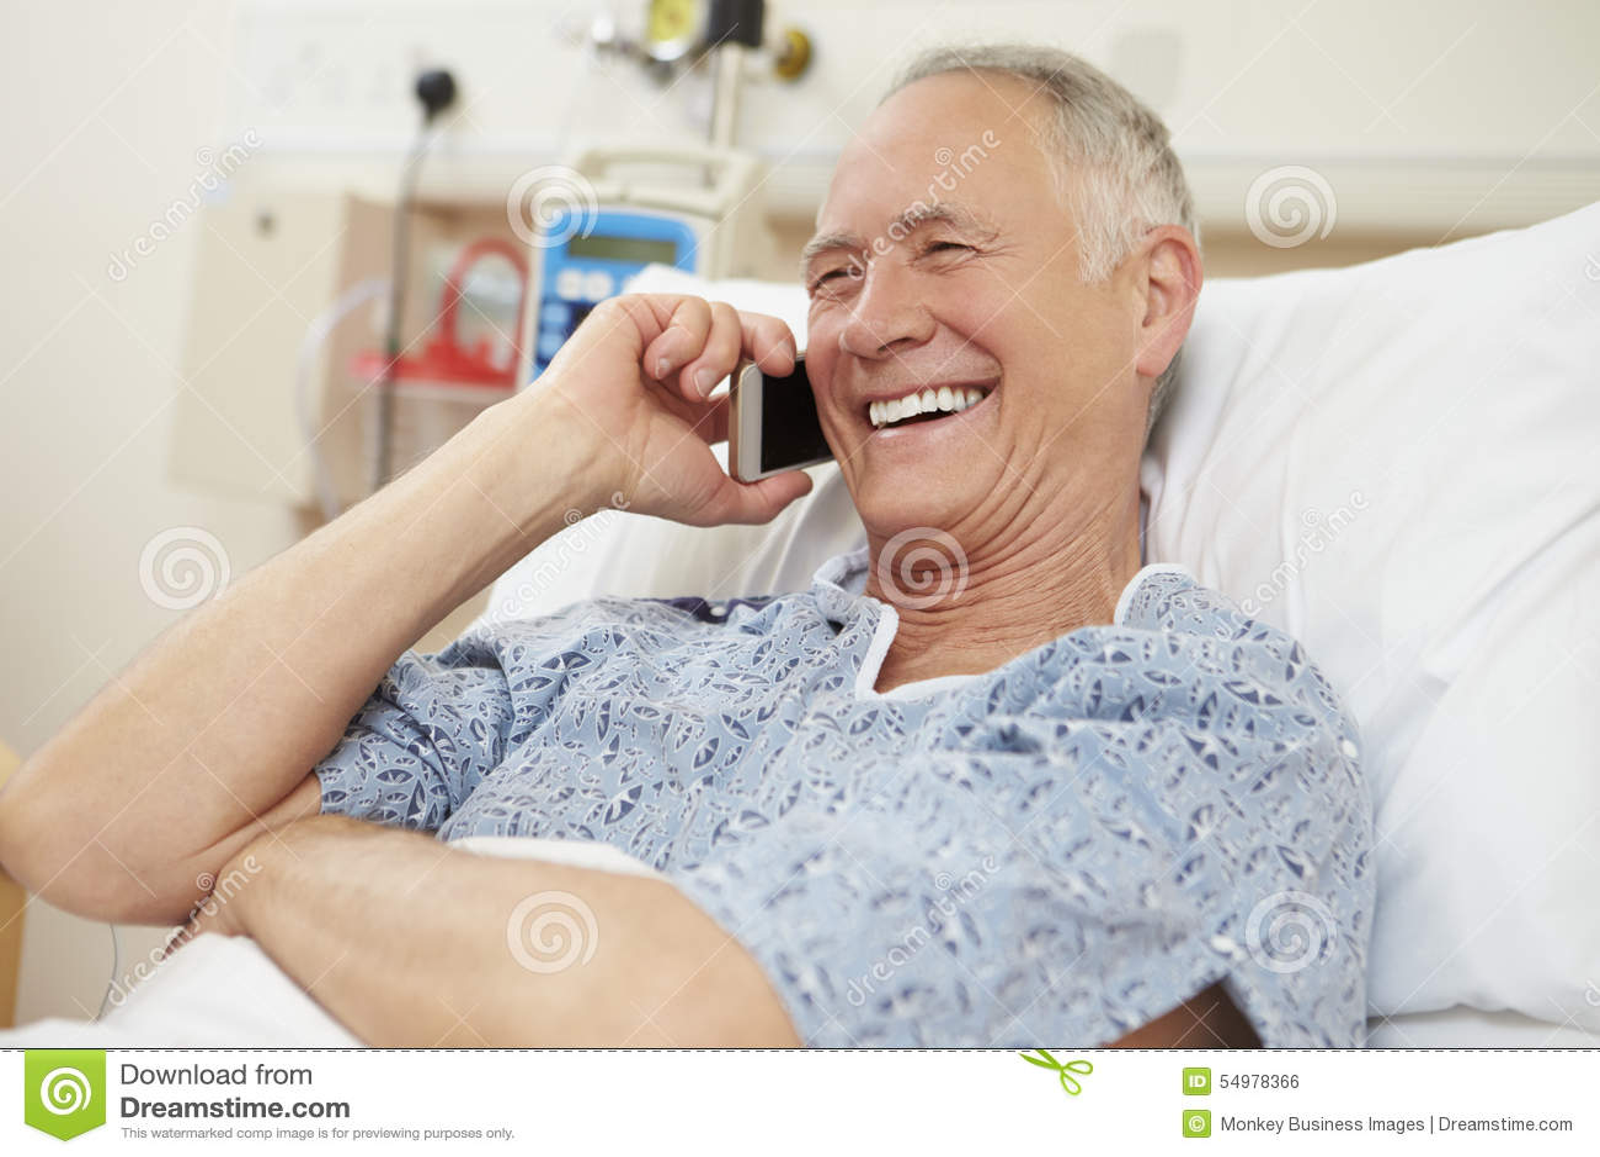 Ανώτερος αρσενικός ασθενής που χρησιμοποιεί το κινητό τηλέφωνο στο νοσοκομειακό κρεβάτι